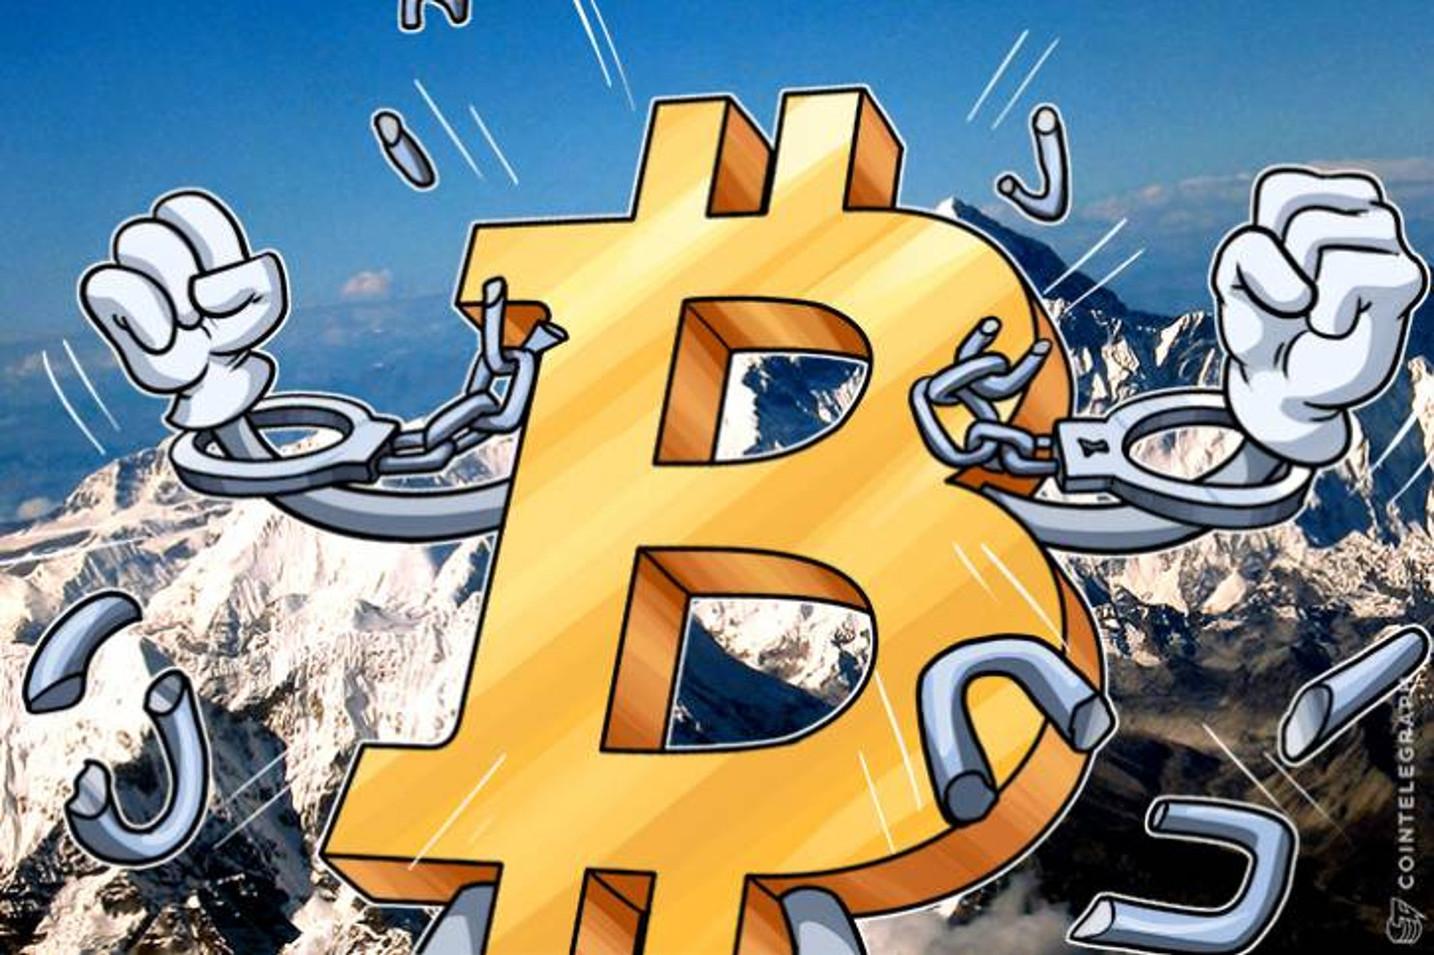 今年最高値から50%下落のビットコイン、最悪期は脱出か 【仮想通貨相場】